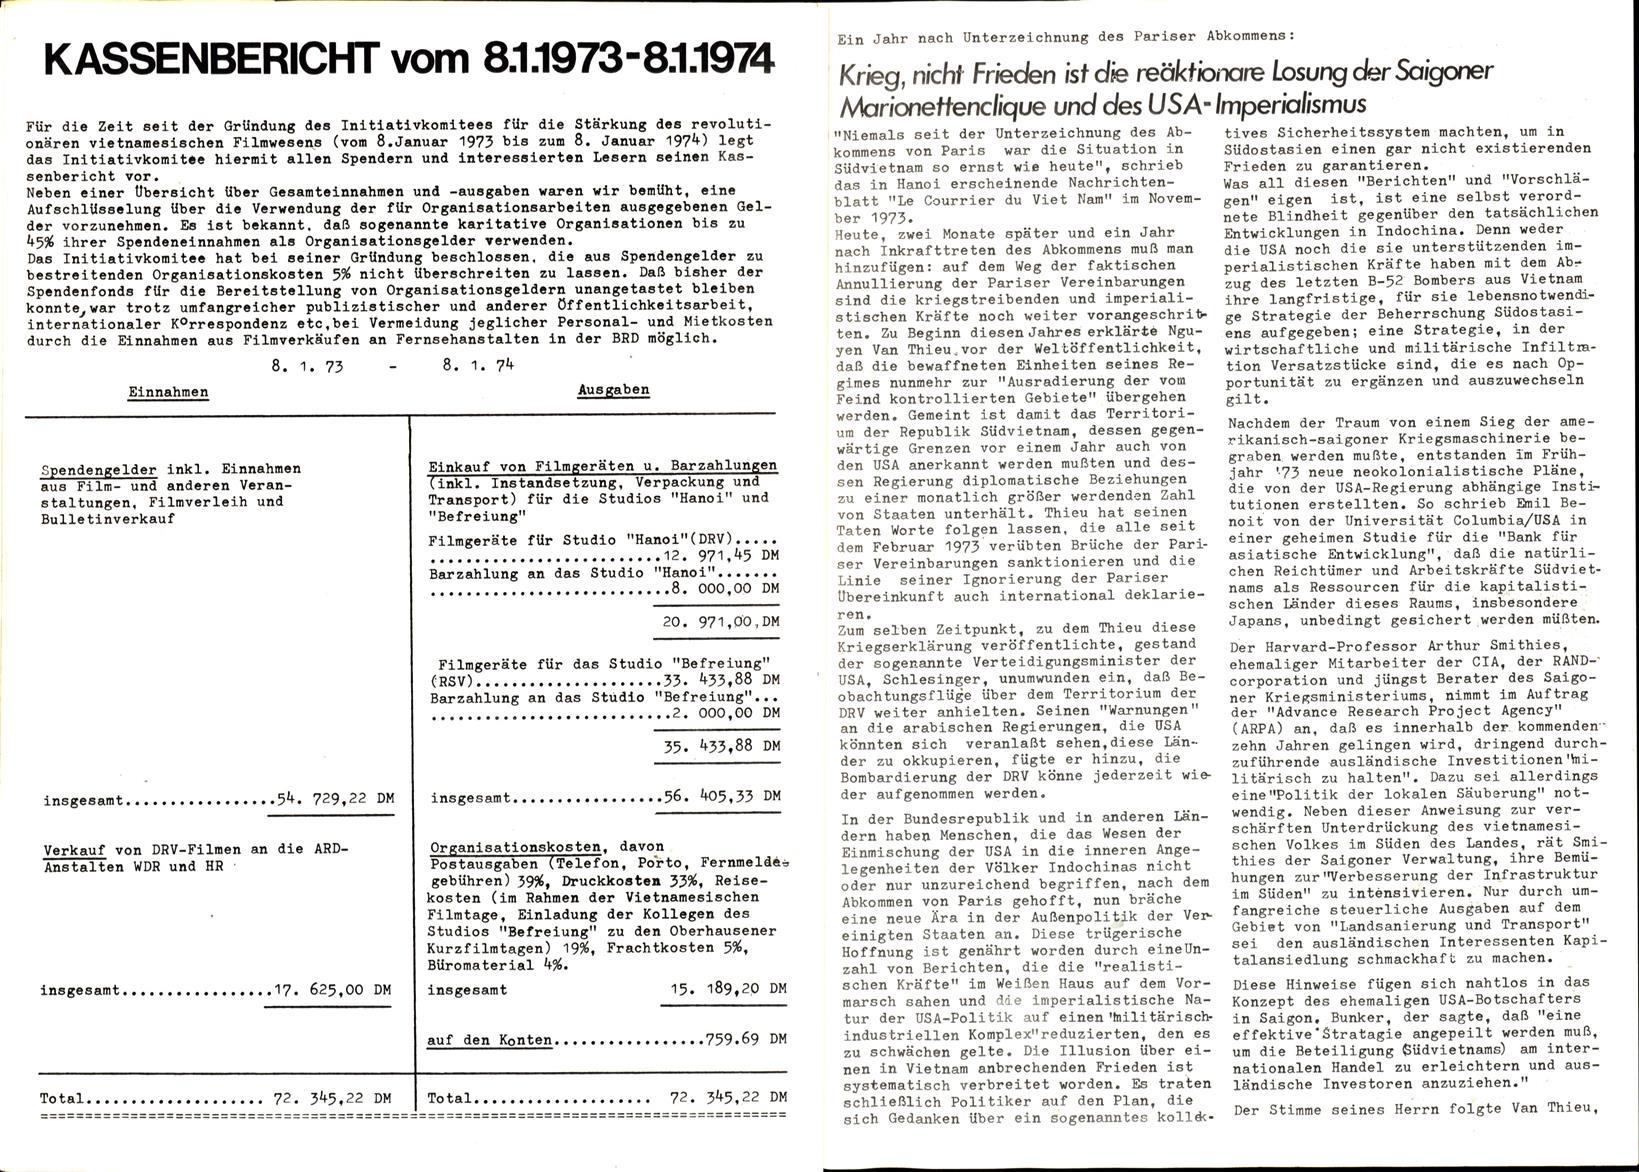 IK_Filmwesen_Bulletin_19740100_005_006_009